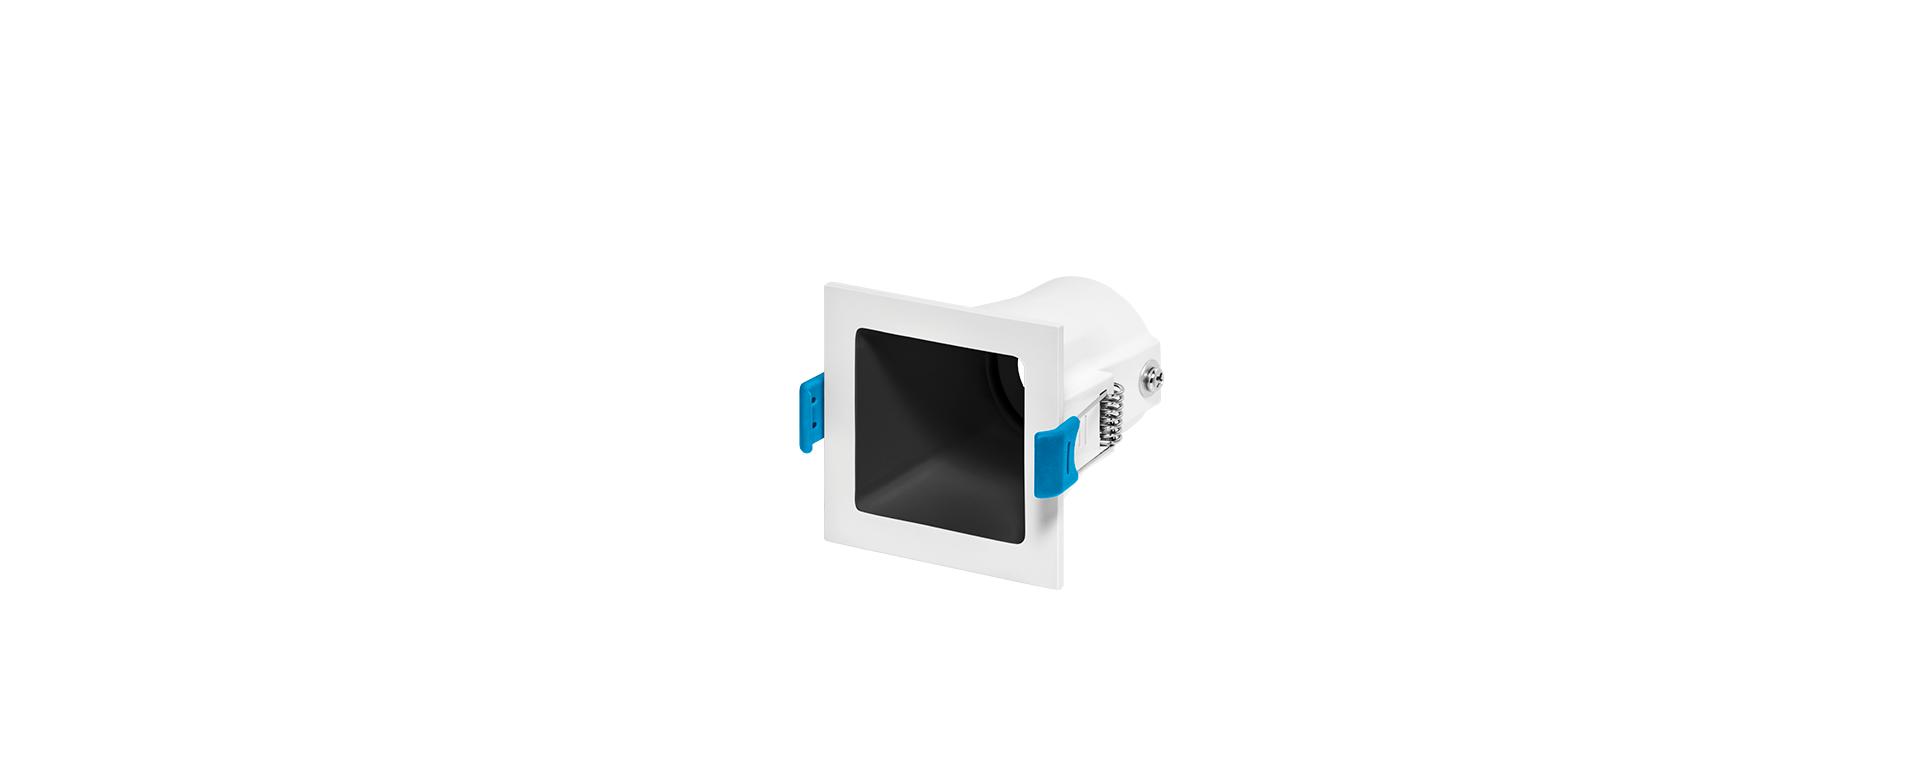 Spot de Embutir Recuado Square Ghost Luz Direcionável 1x Mini Dicróica STH8940  Stella Design